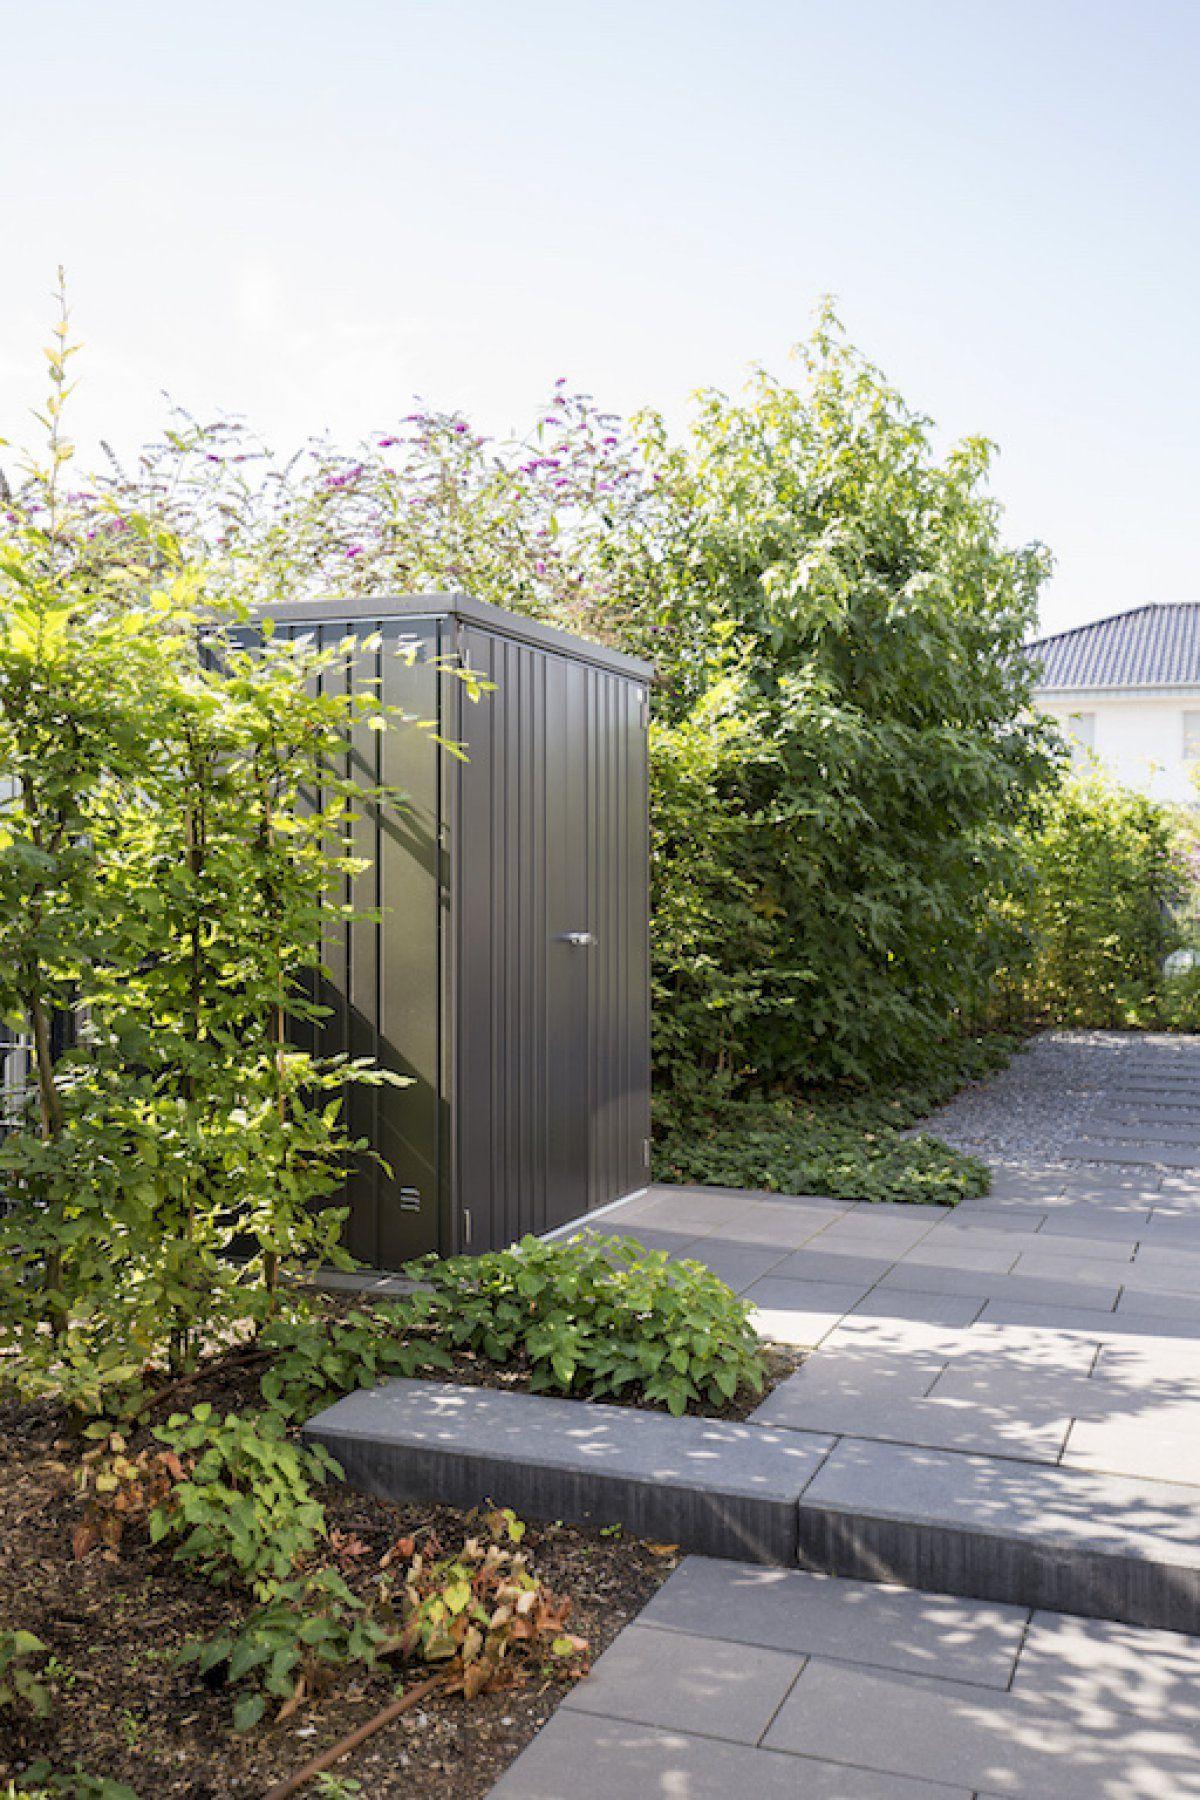 Privatgarten Dusseldorf Garten Privatgarten Gartenbau